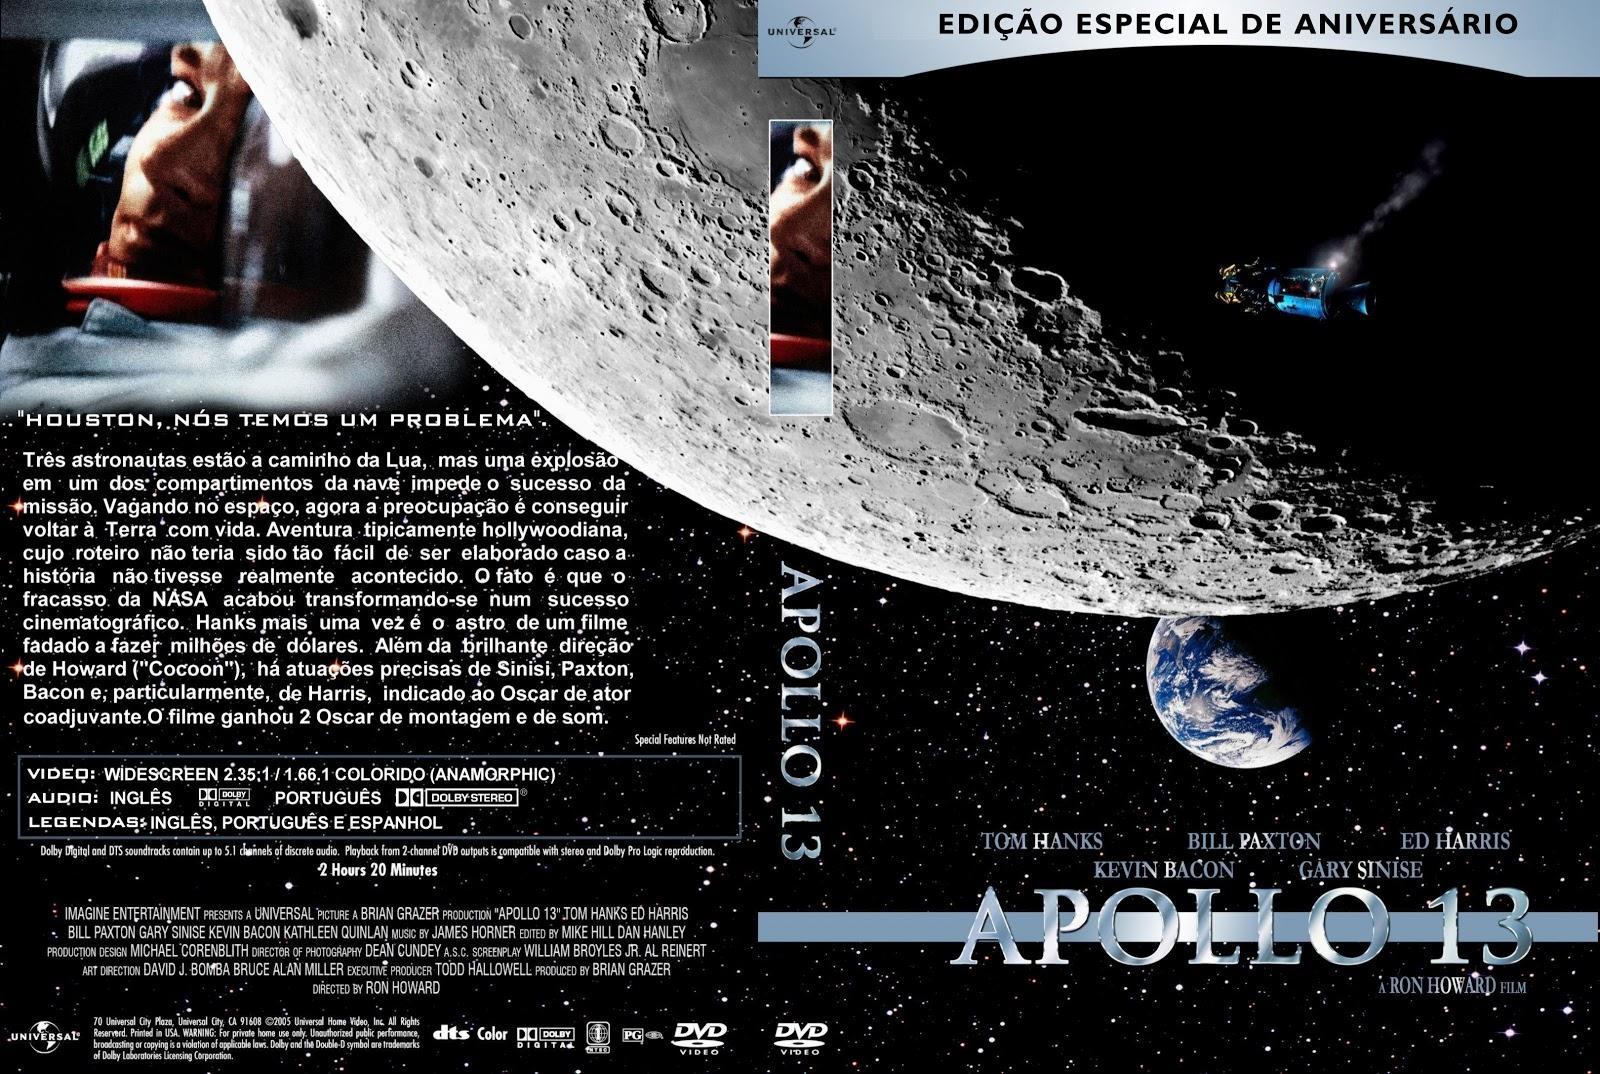 Capa DVD Apollo 13 Edição Especial De Aniversário